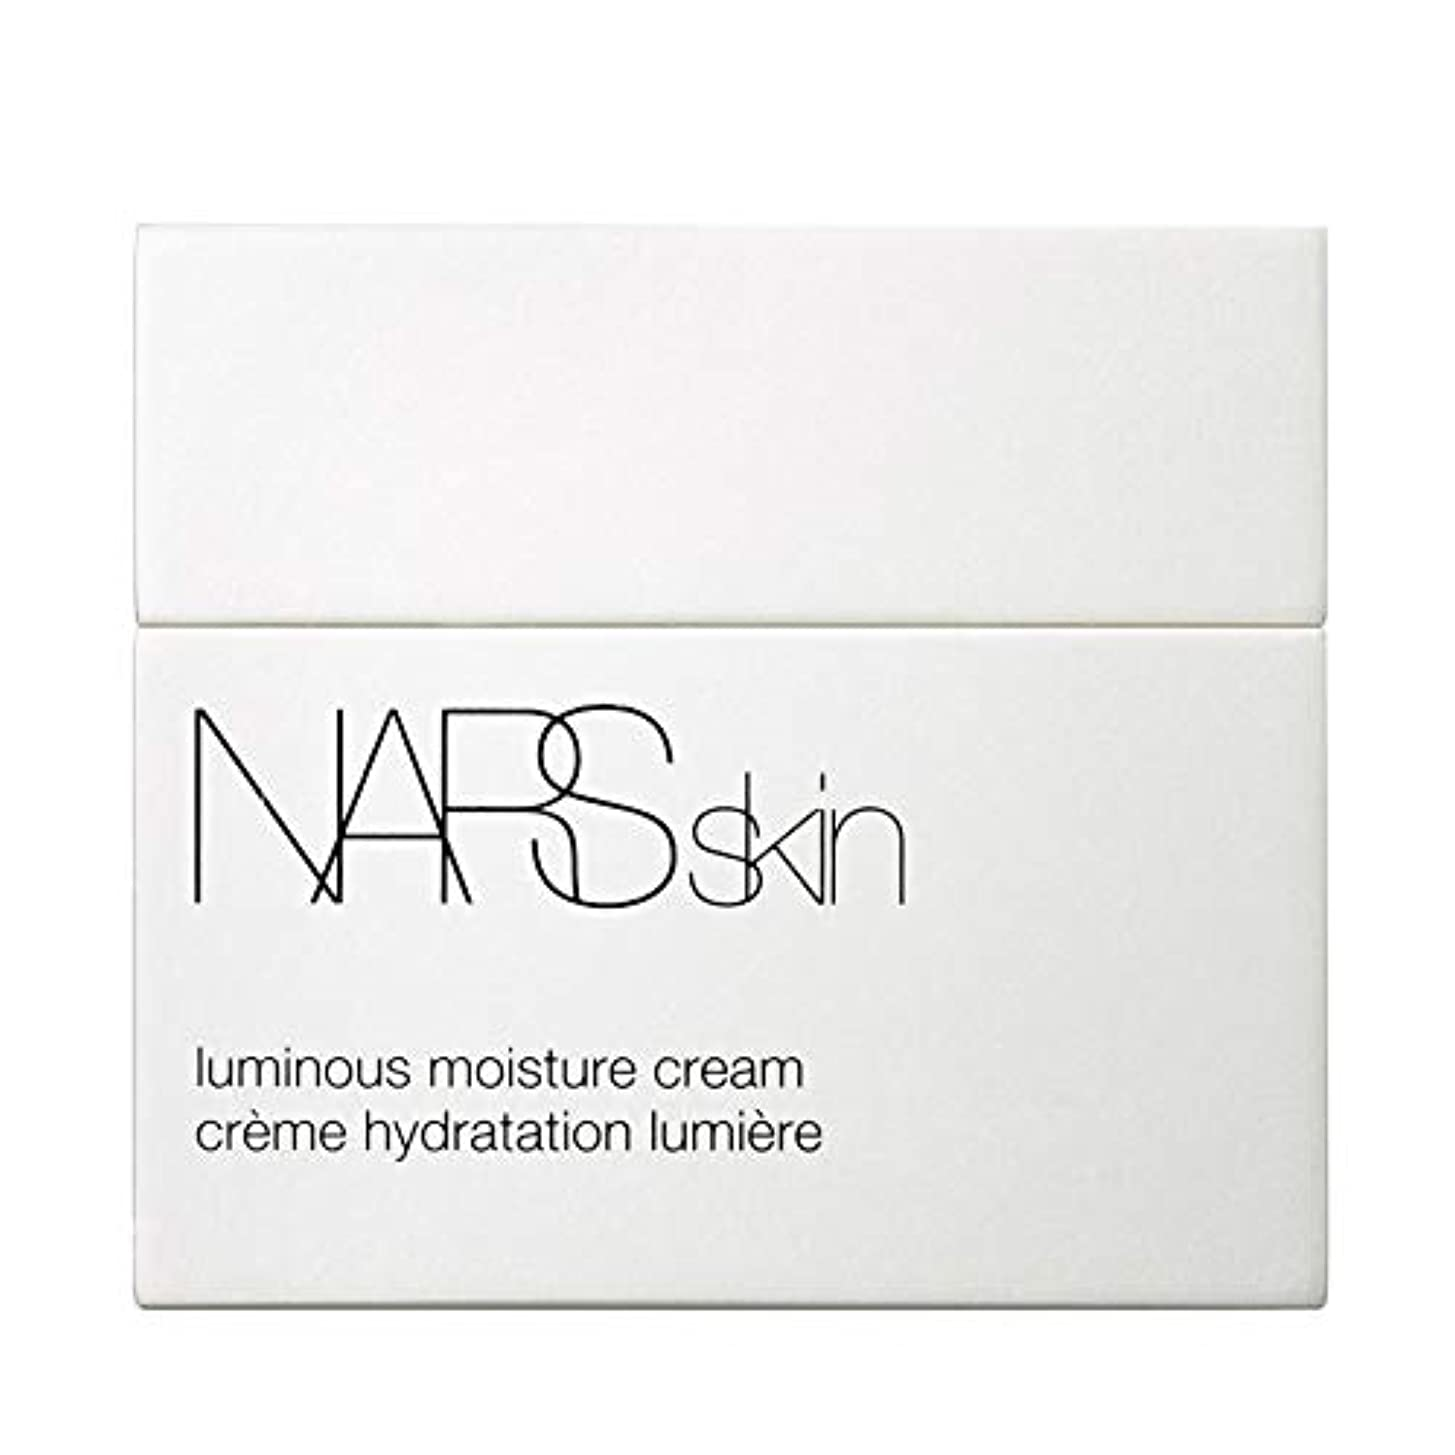 意義体操パット[NARS] Narは発光水分クリーム - Nars Luminous Moisture Cream [並行輸入品]